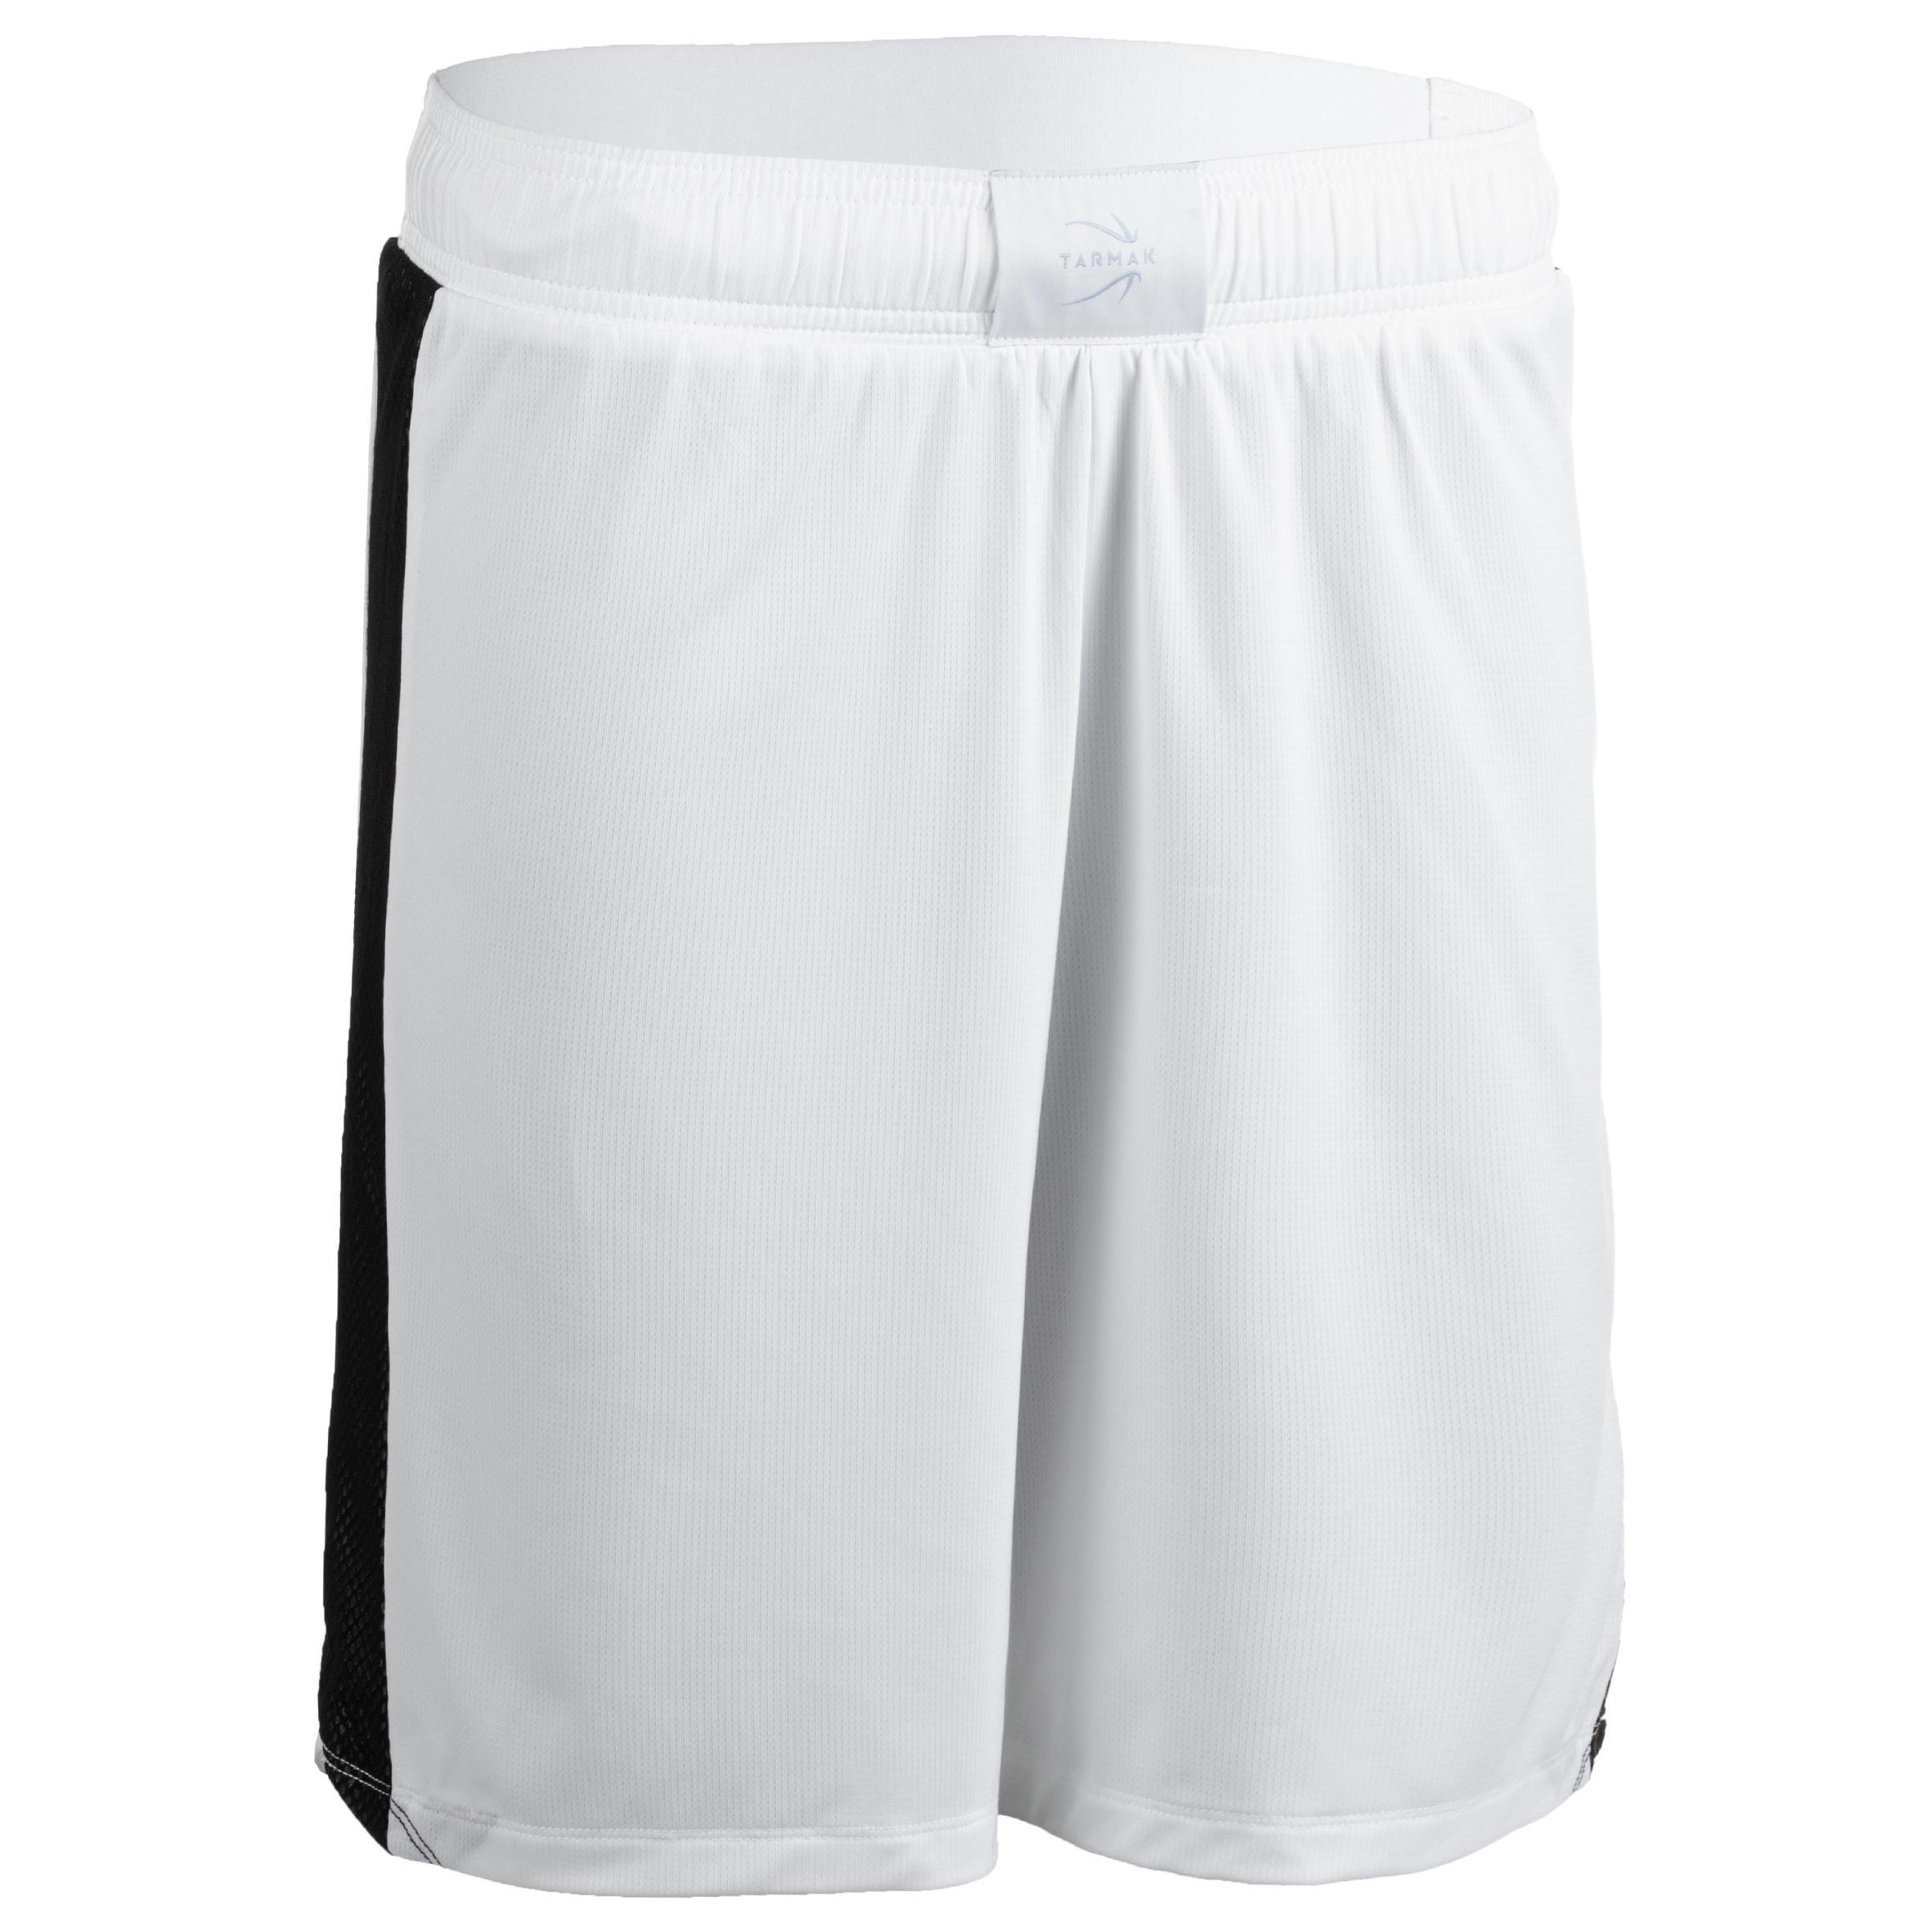 Tarmak Basketbalshort voor dames wit/zwart SH500